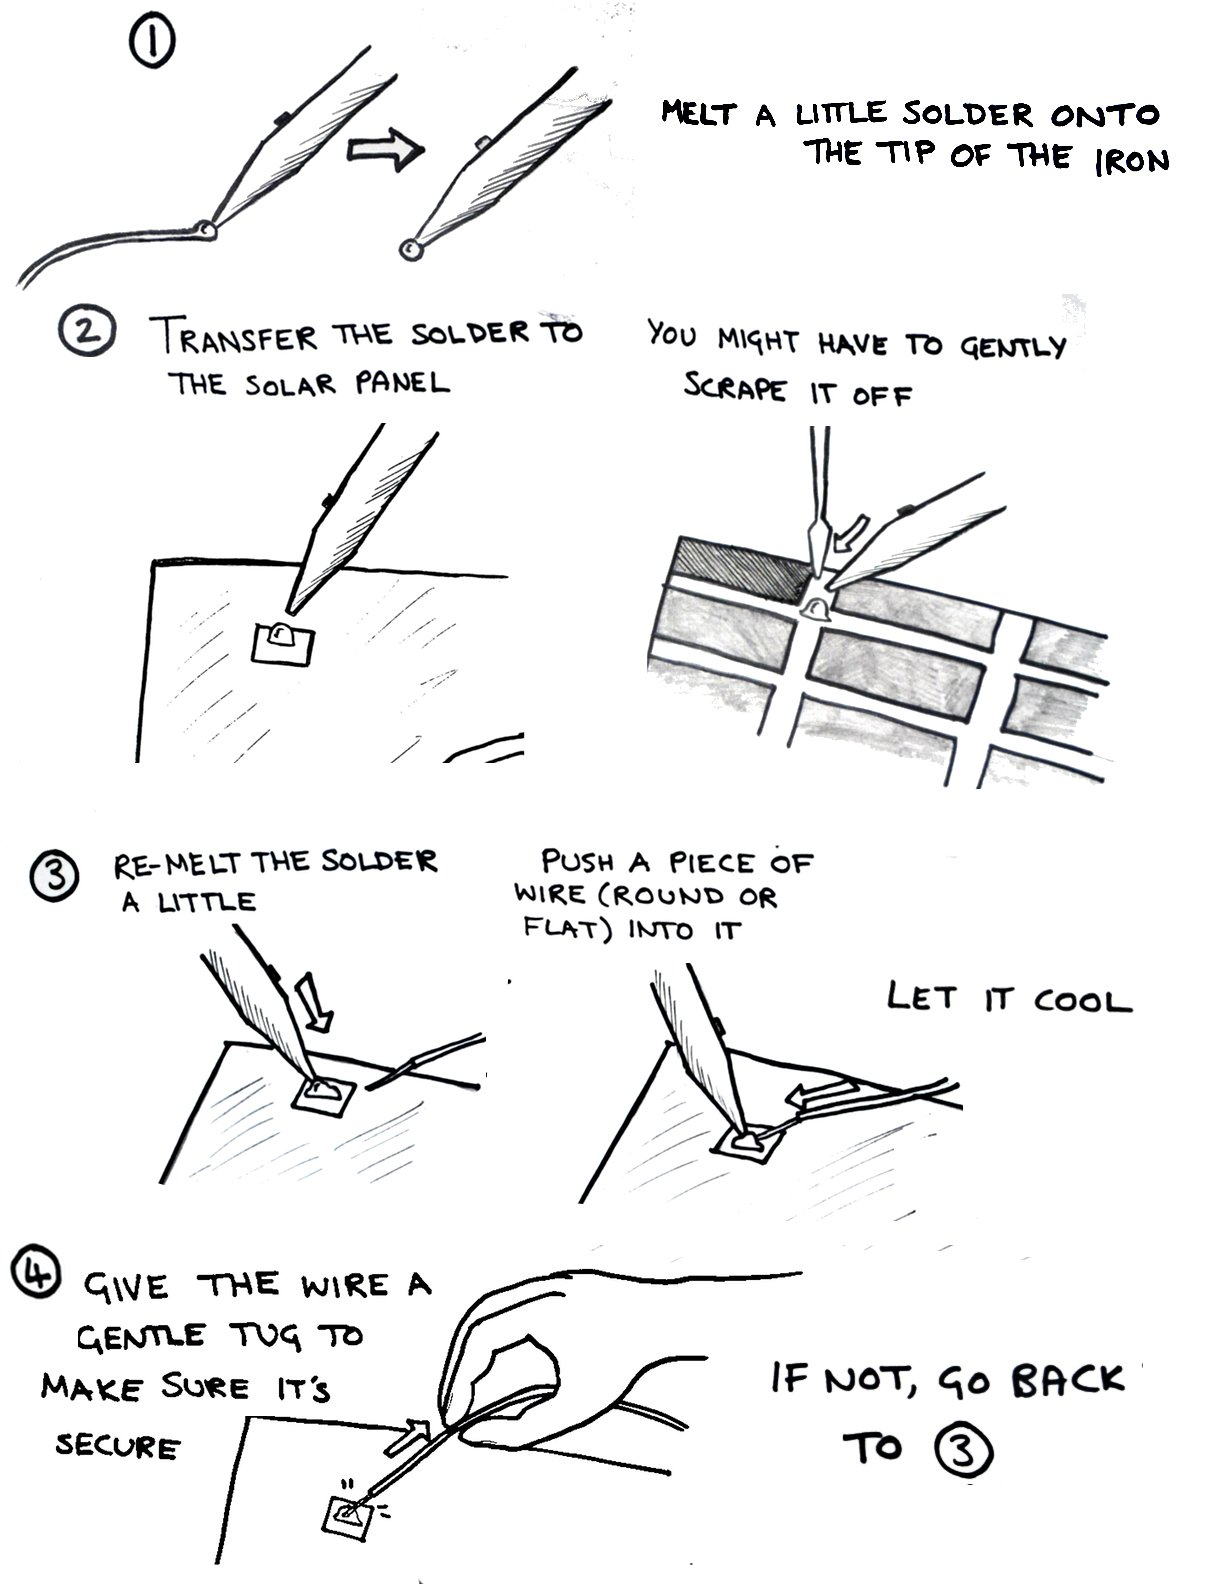 Awesome Lessons Solar 04Solderingsolarcells 2 Draft Pen Wiki Wiring Cloud Icalpermsplehendilmohammedshrineorg